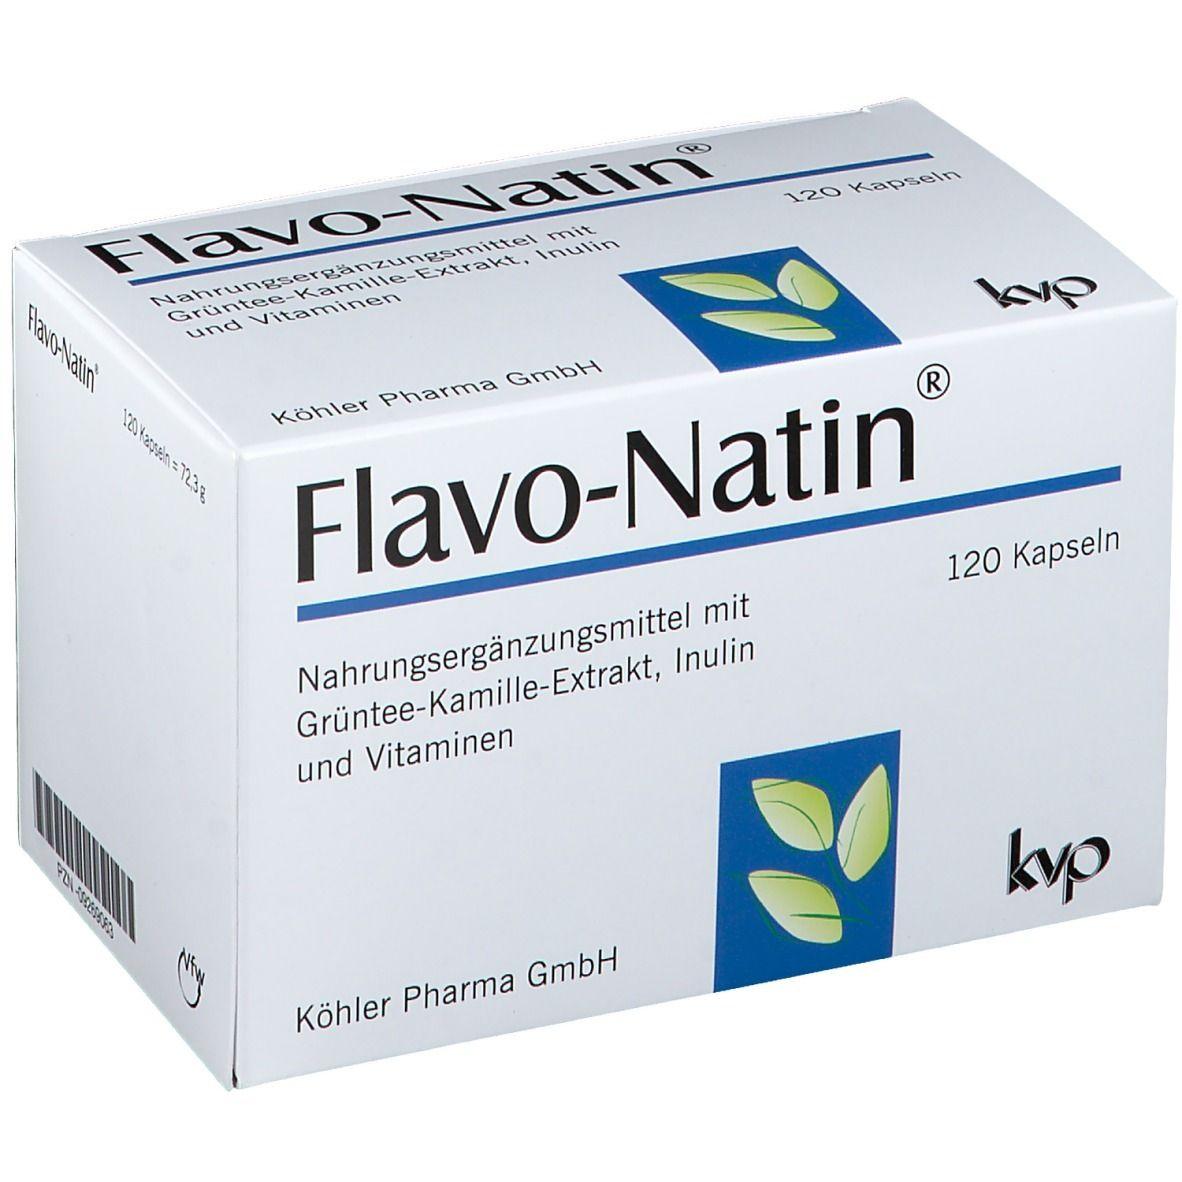 Flavo-Natin® Kapseln